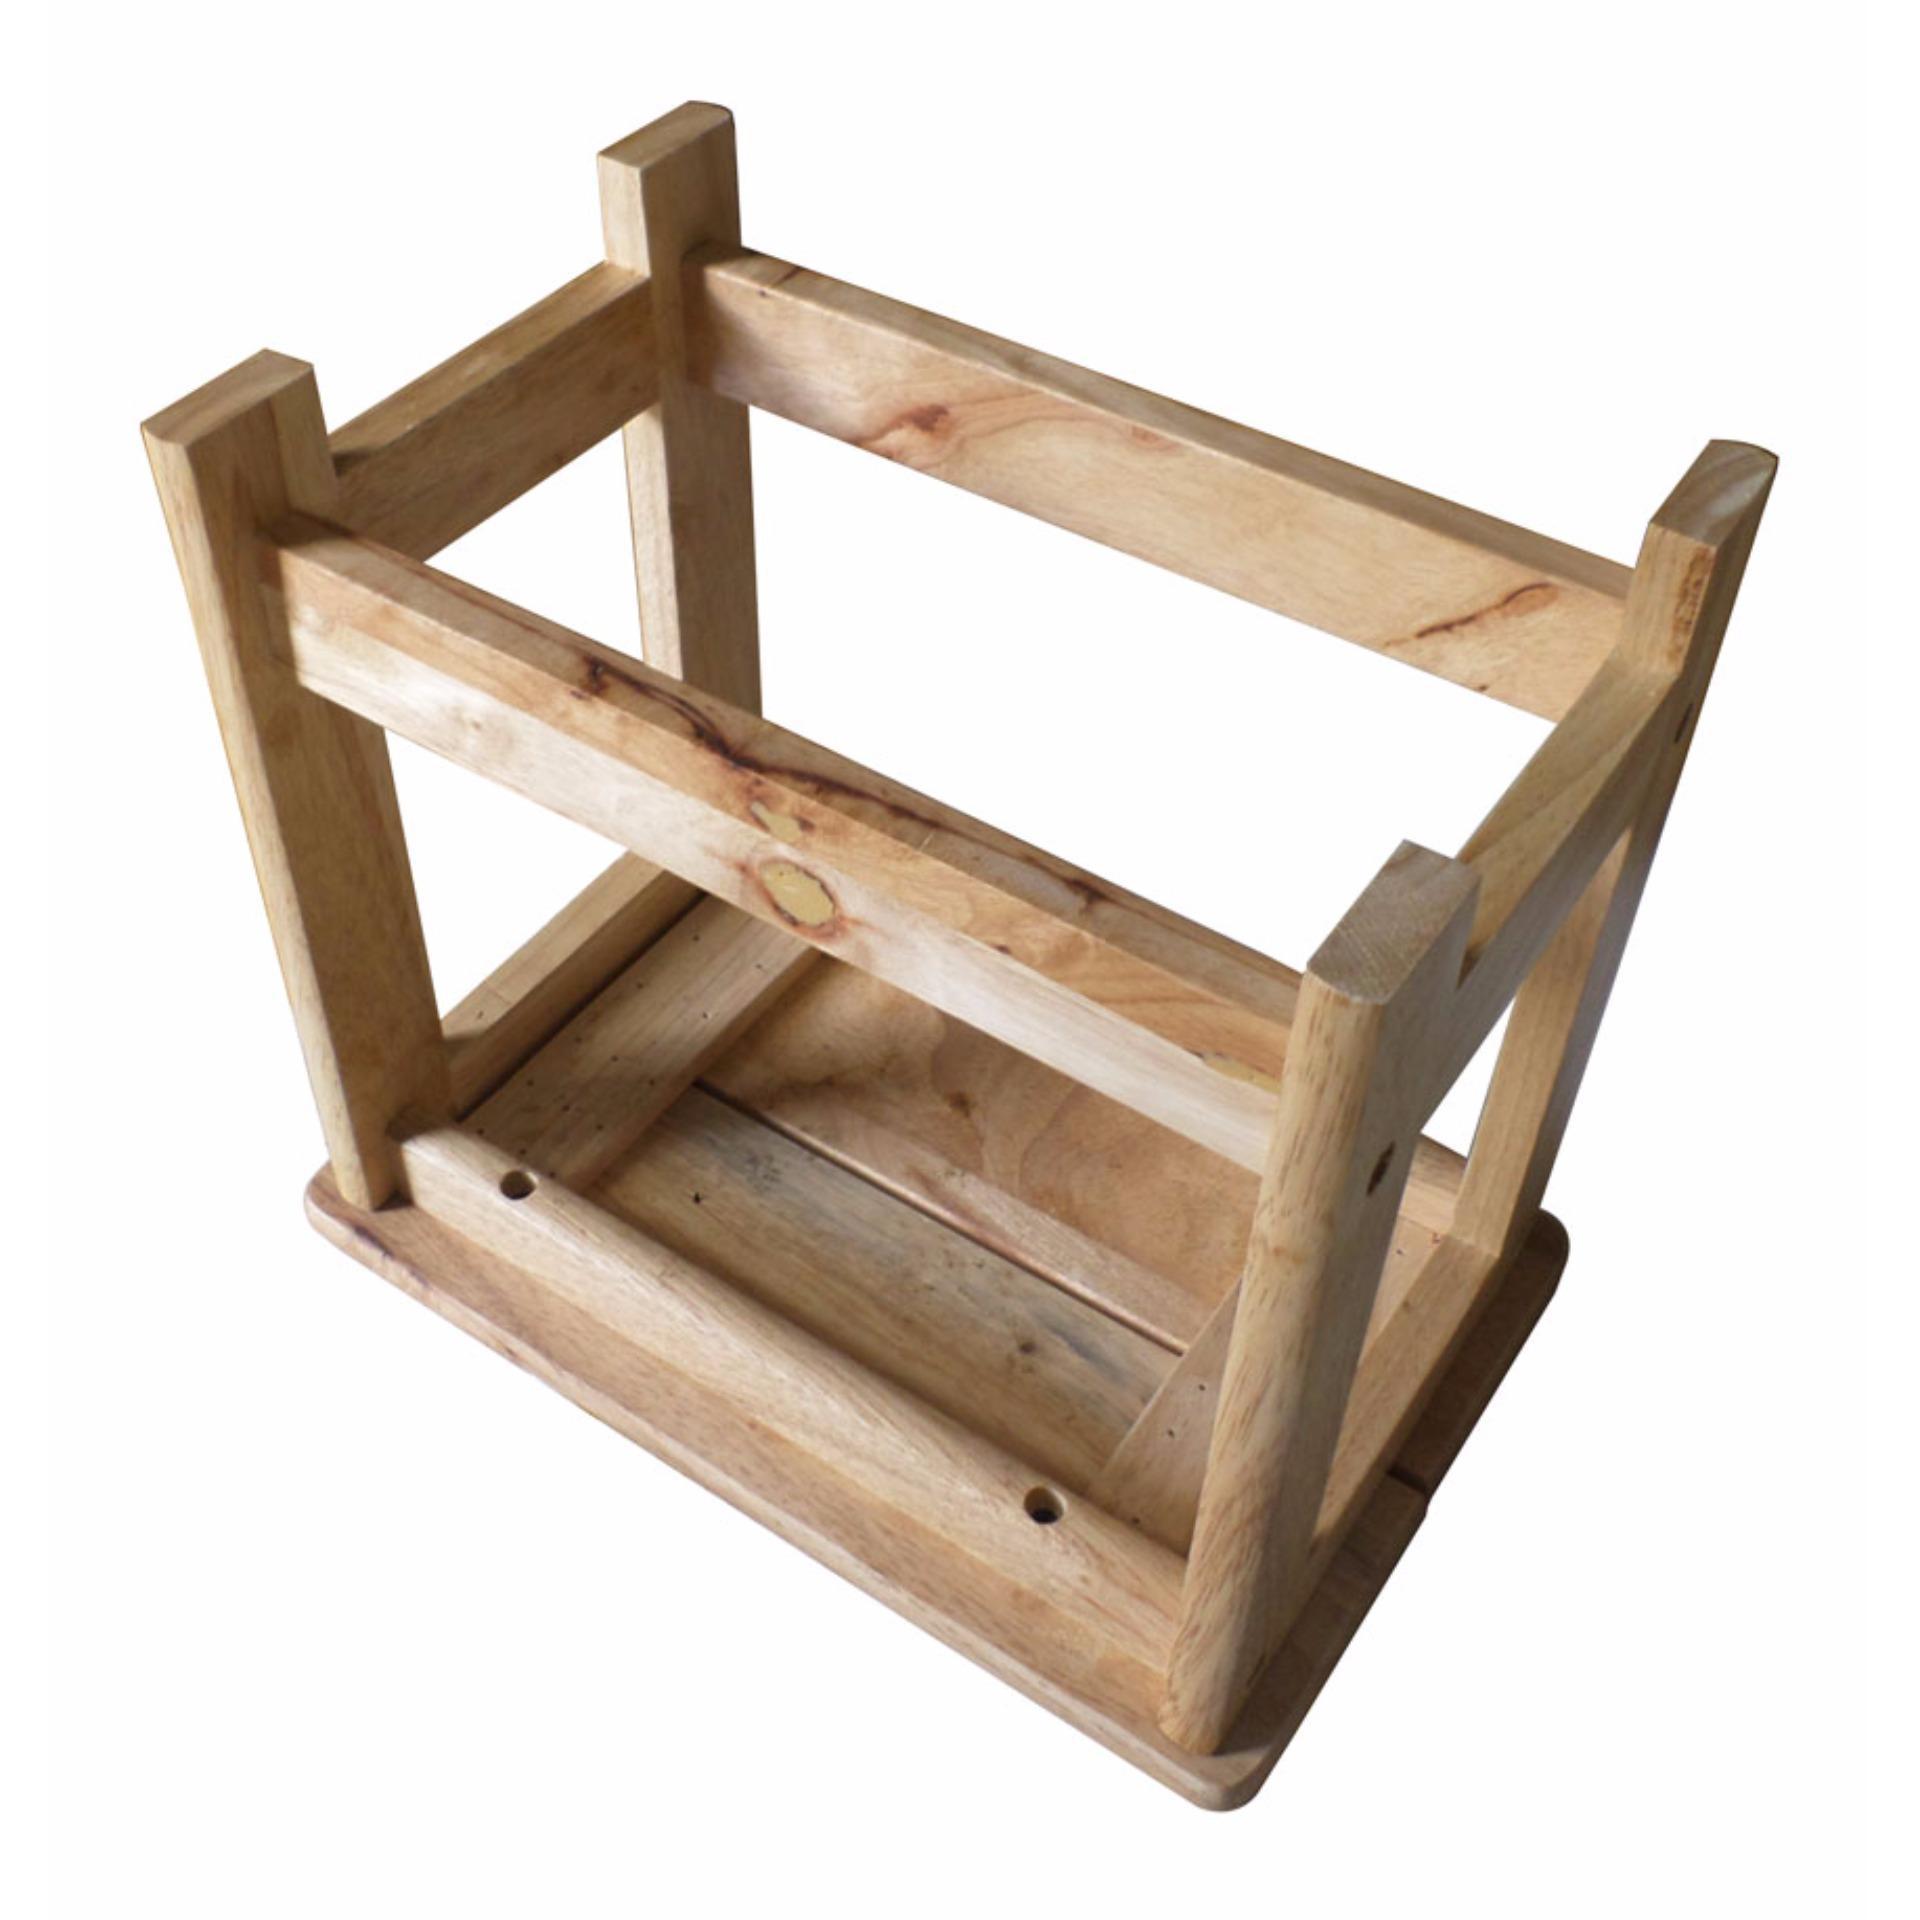 Ghế vạn năng, ghế đôn, ghế nhỏ gỗ